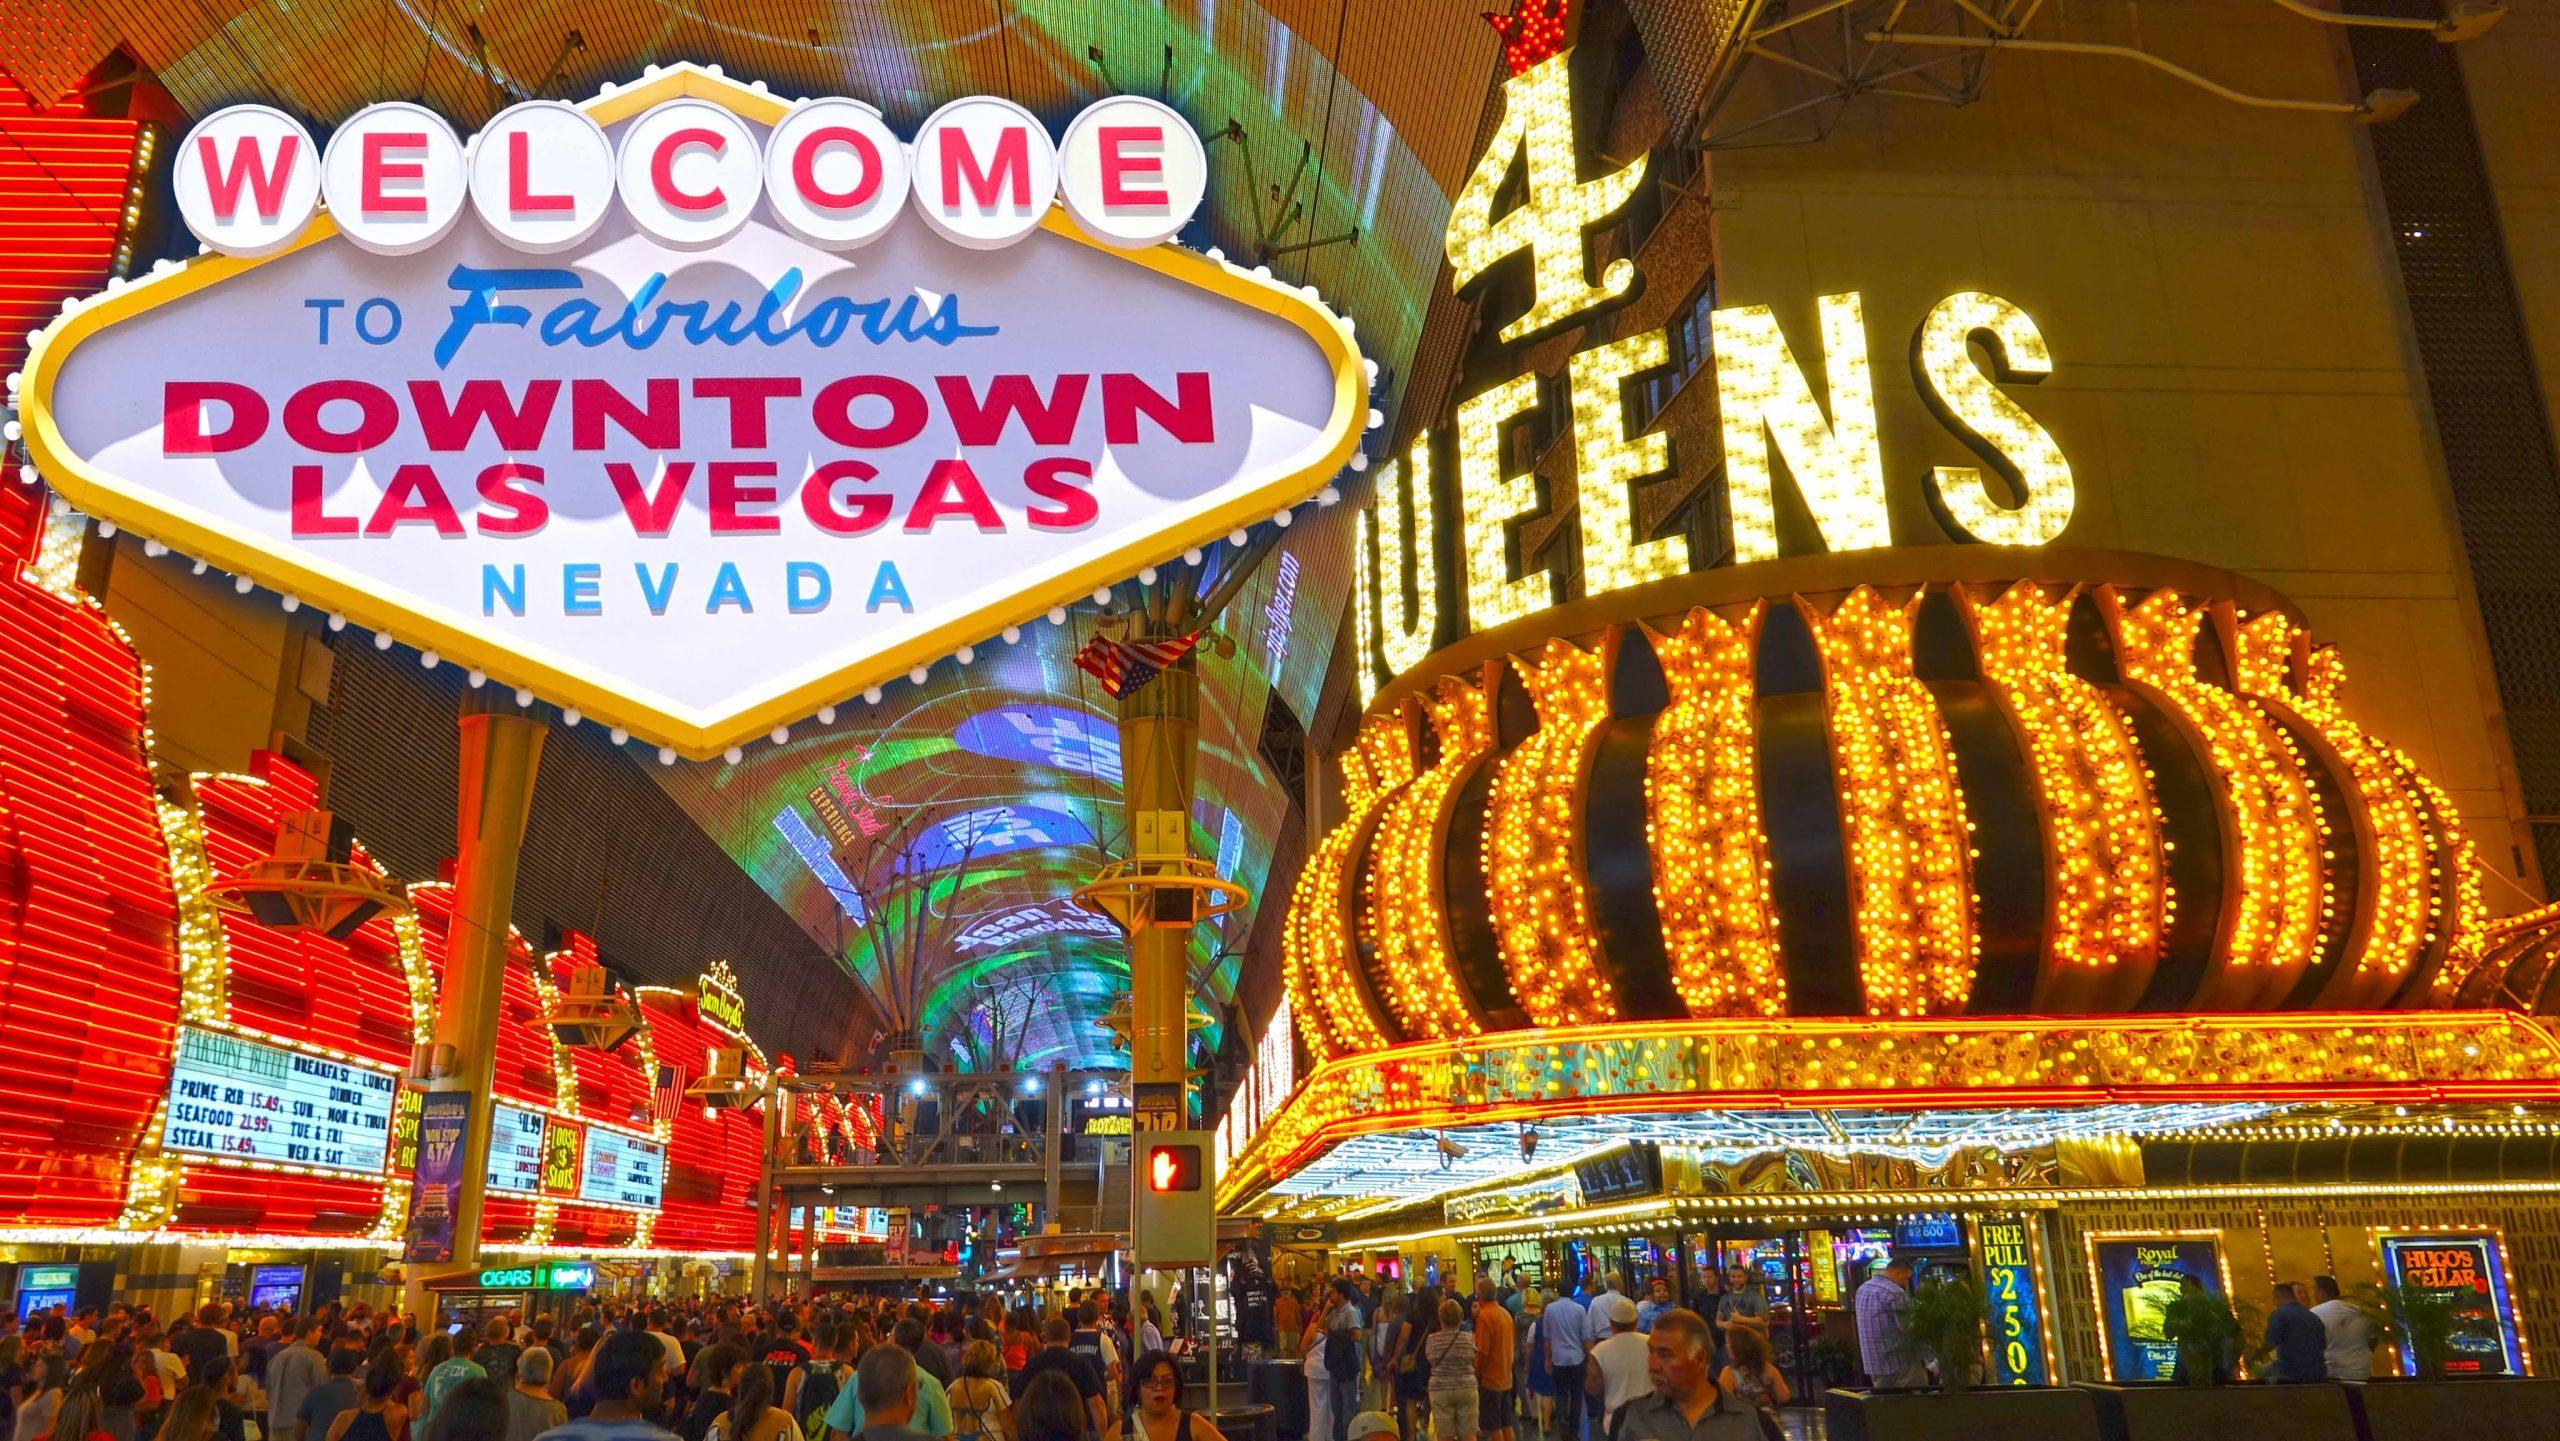 Plaza Casino Reveals Plans As Part Of Downtown Las Vegas Revival